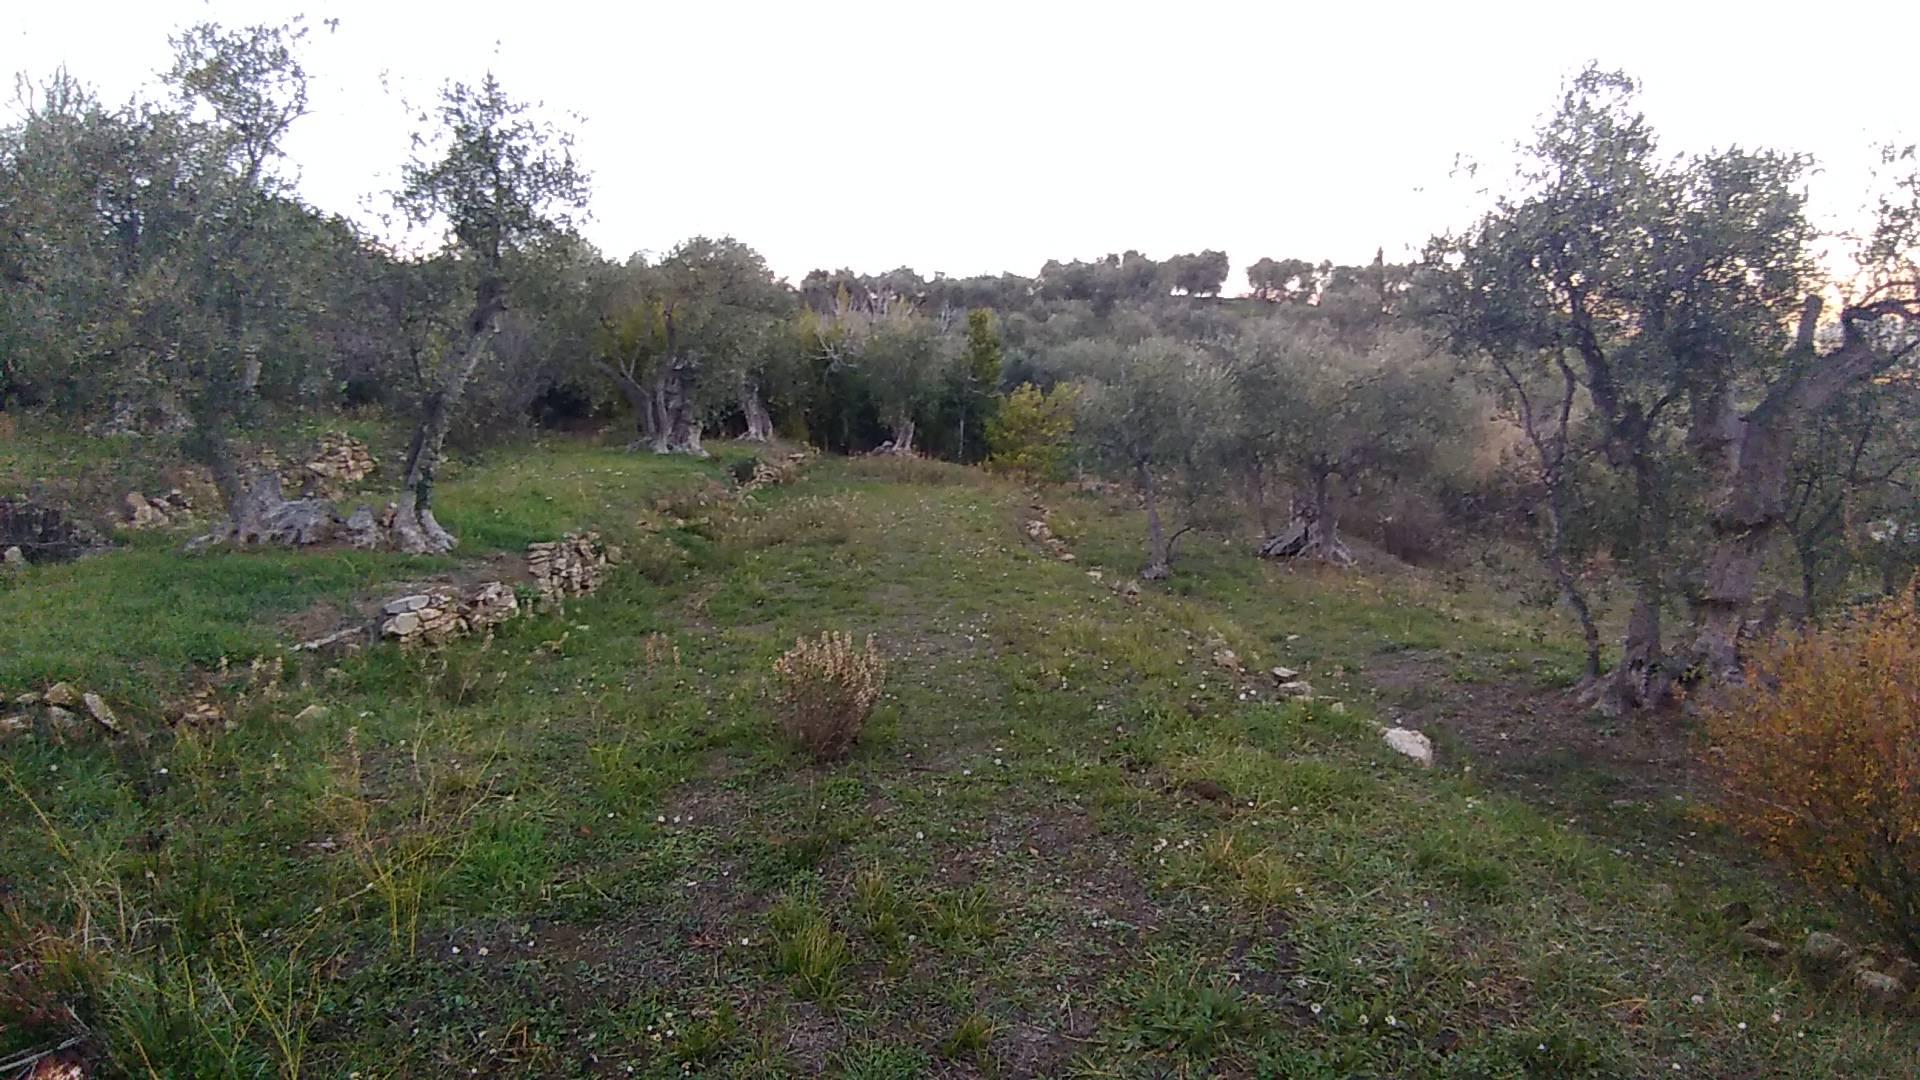 Terreno Agricolo in vendita a Diano Marina, 9999 locali, prezzo € 95.000 | PortaleAgenzieImmobiliari.it